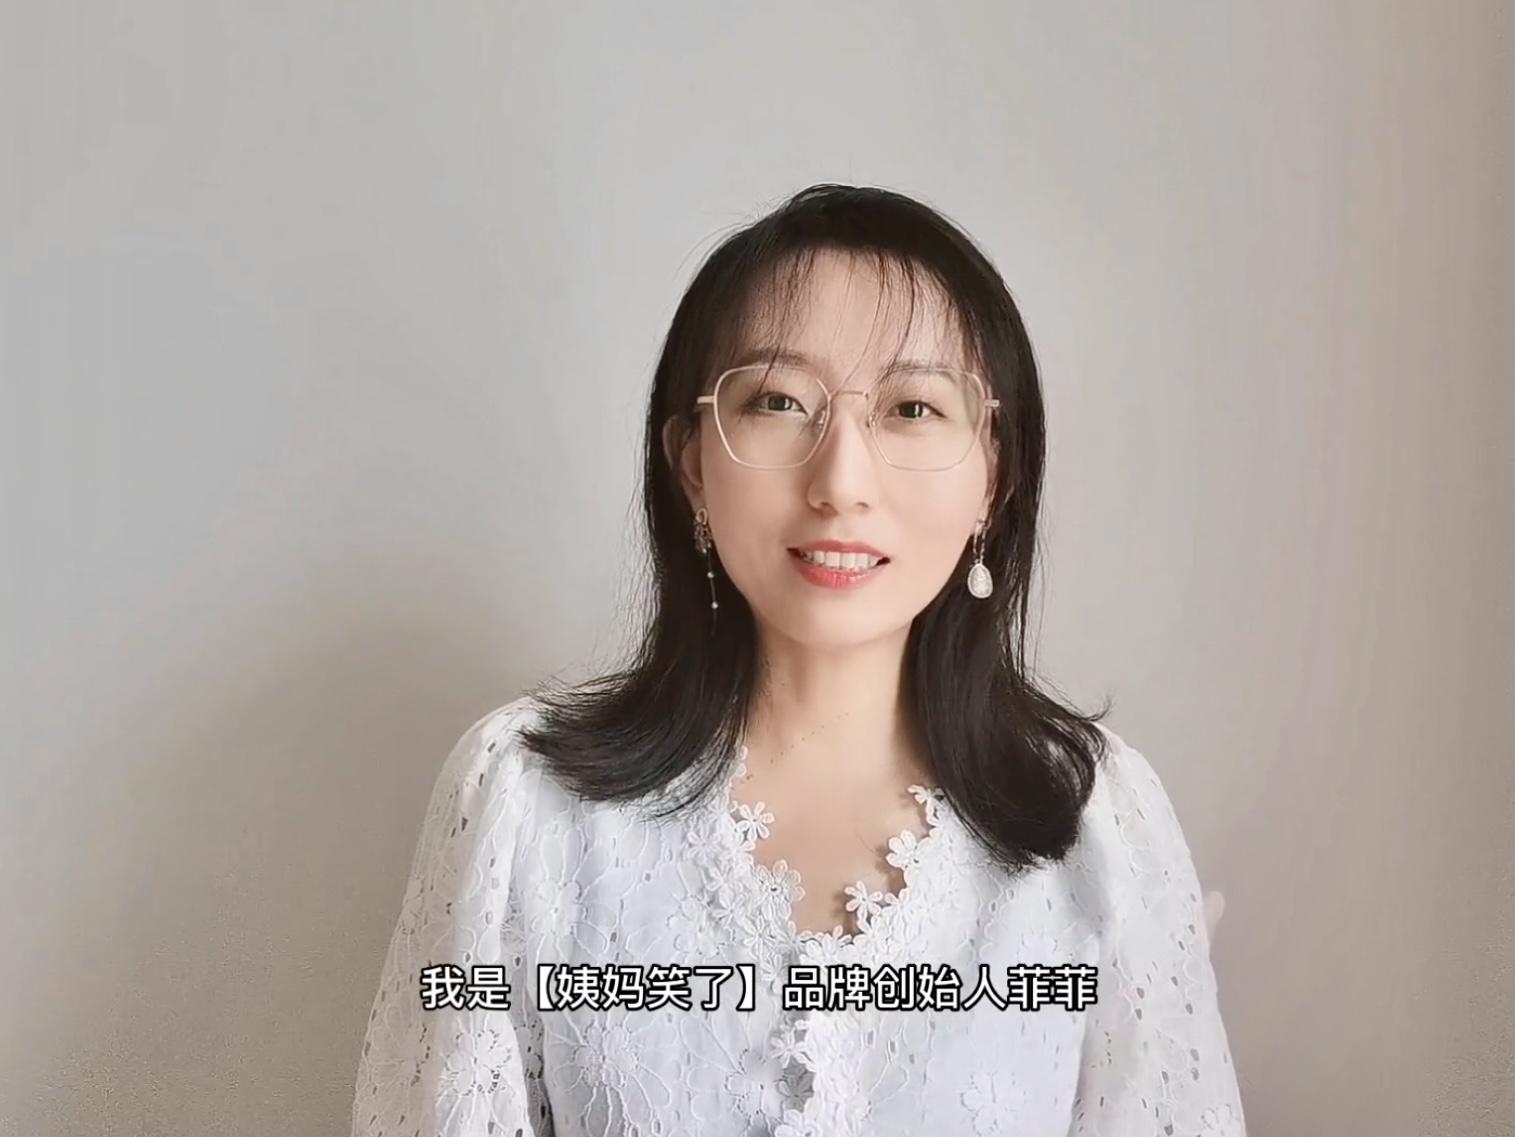 【中国创业家】第15期-菲菲-我如何用精益创业的方法,把问题变商机?